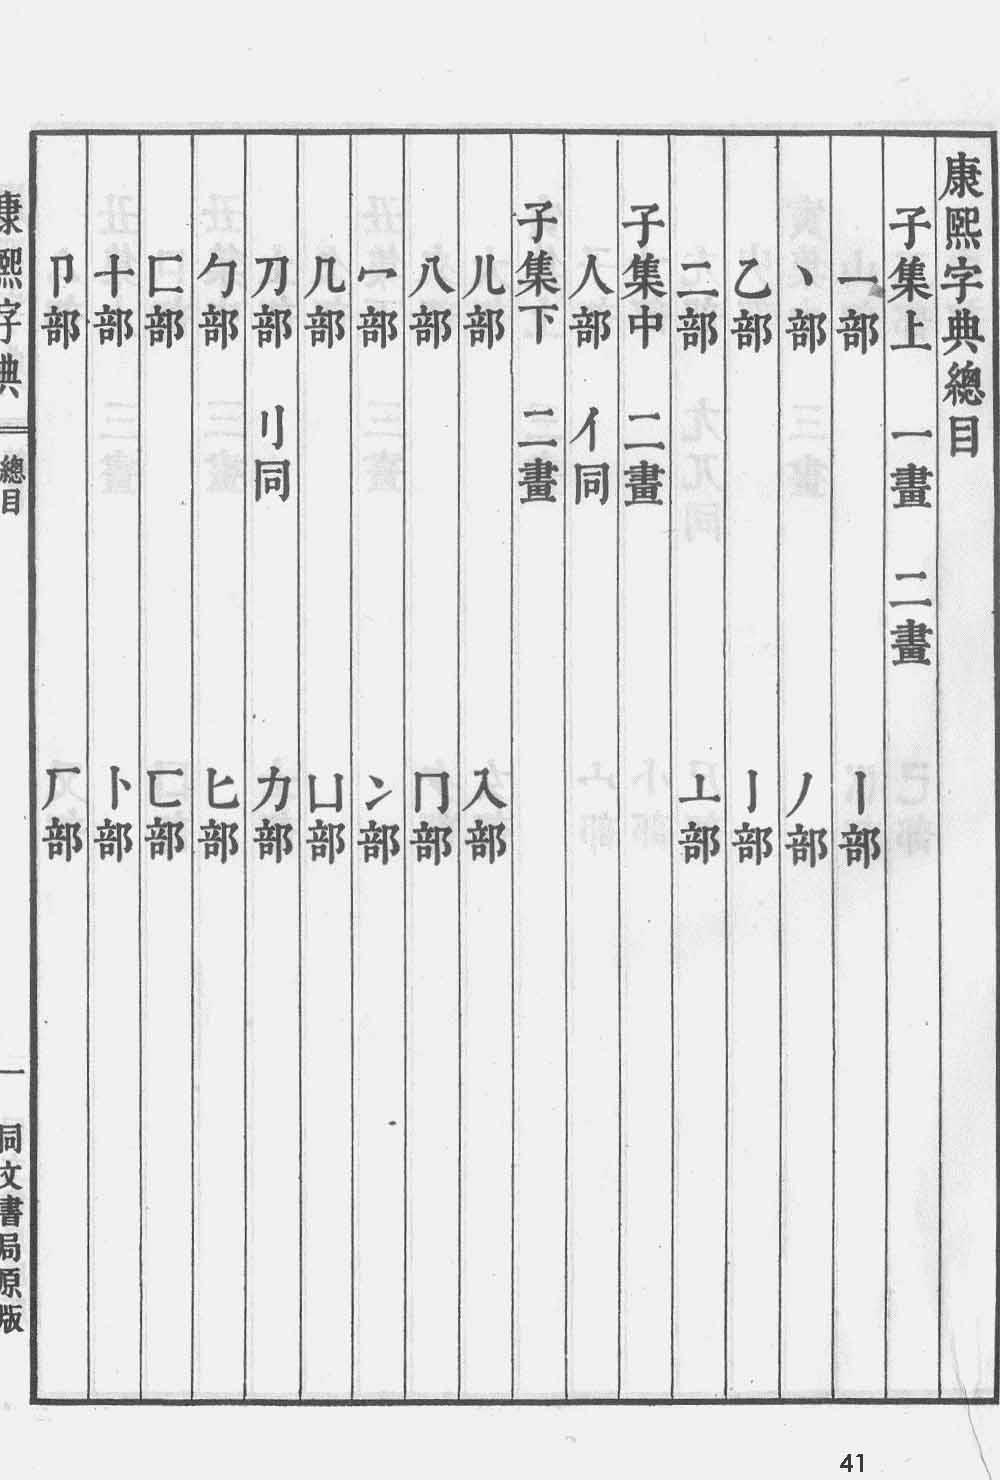 《康熙字典》第41页